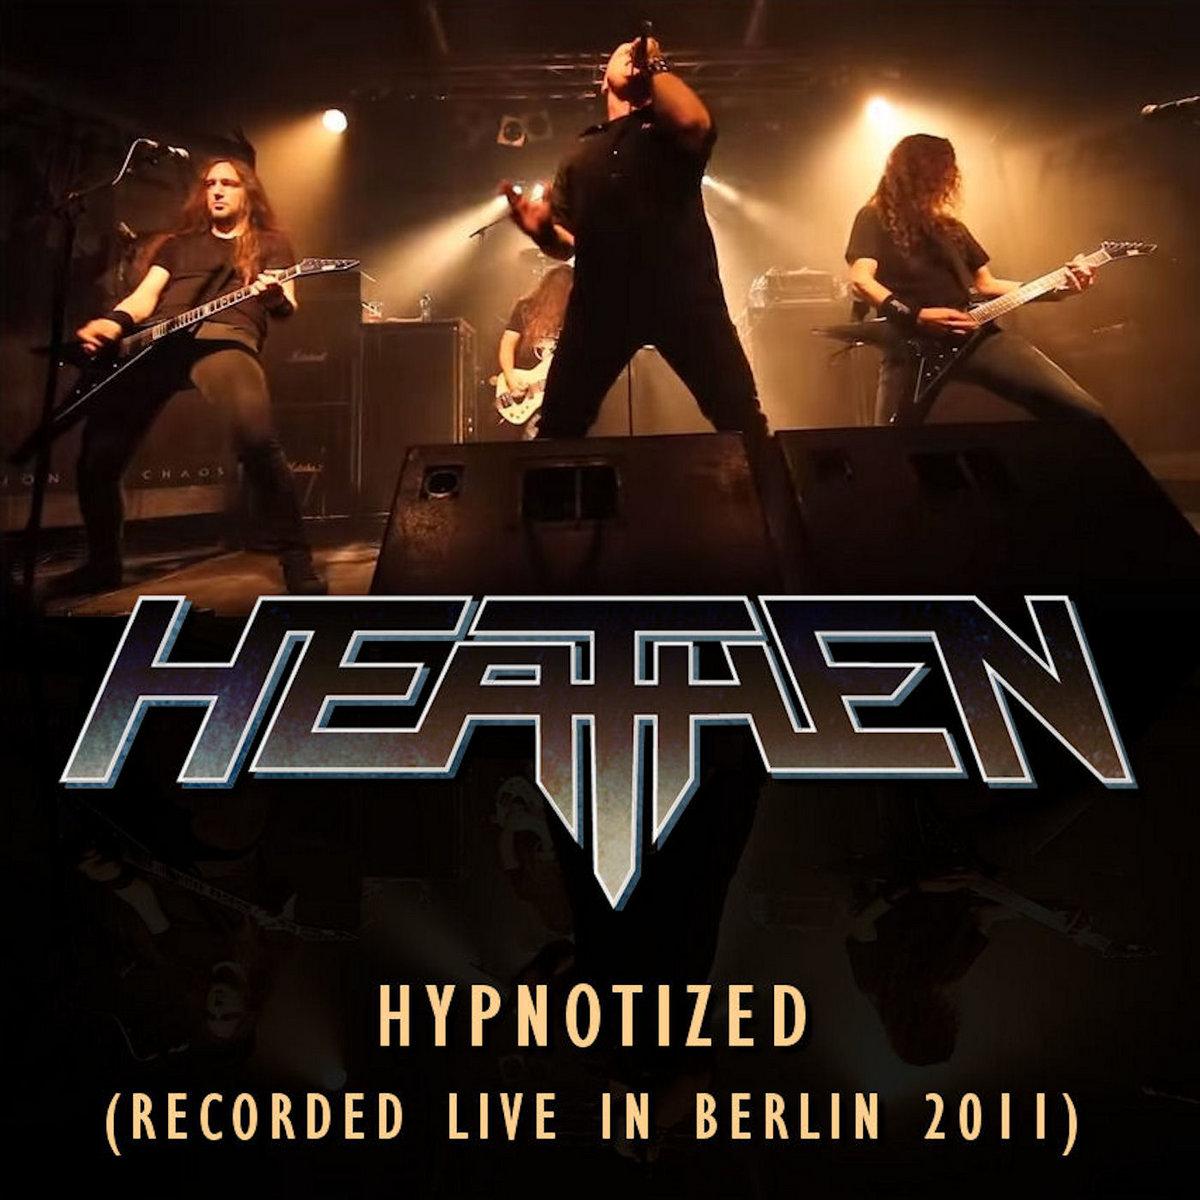 Heathen - Hypnotized (Live in Berlin 2011)